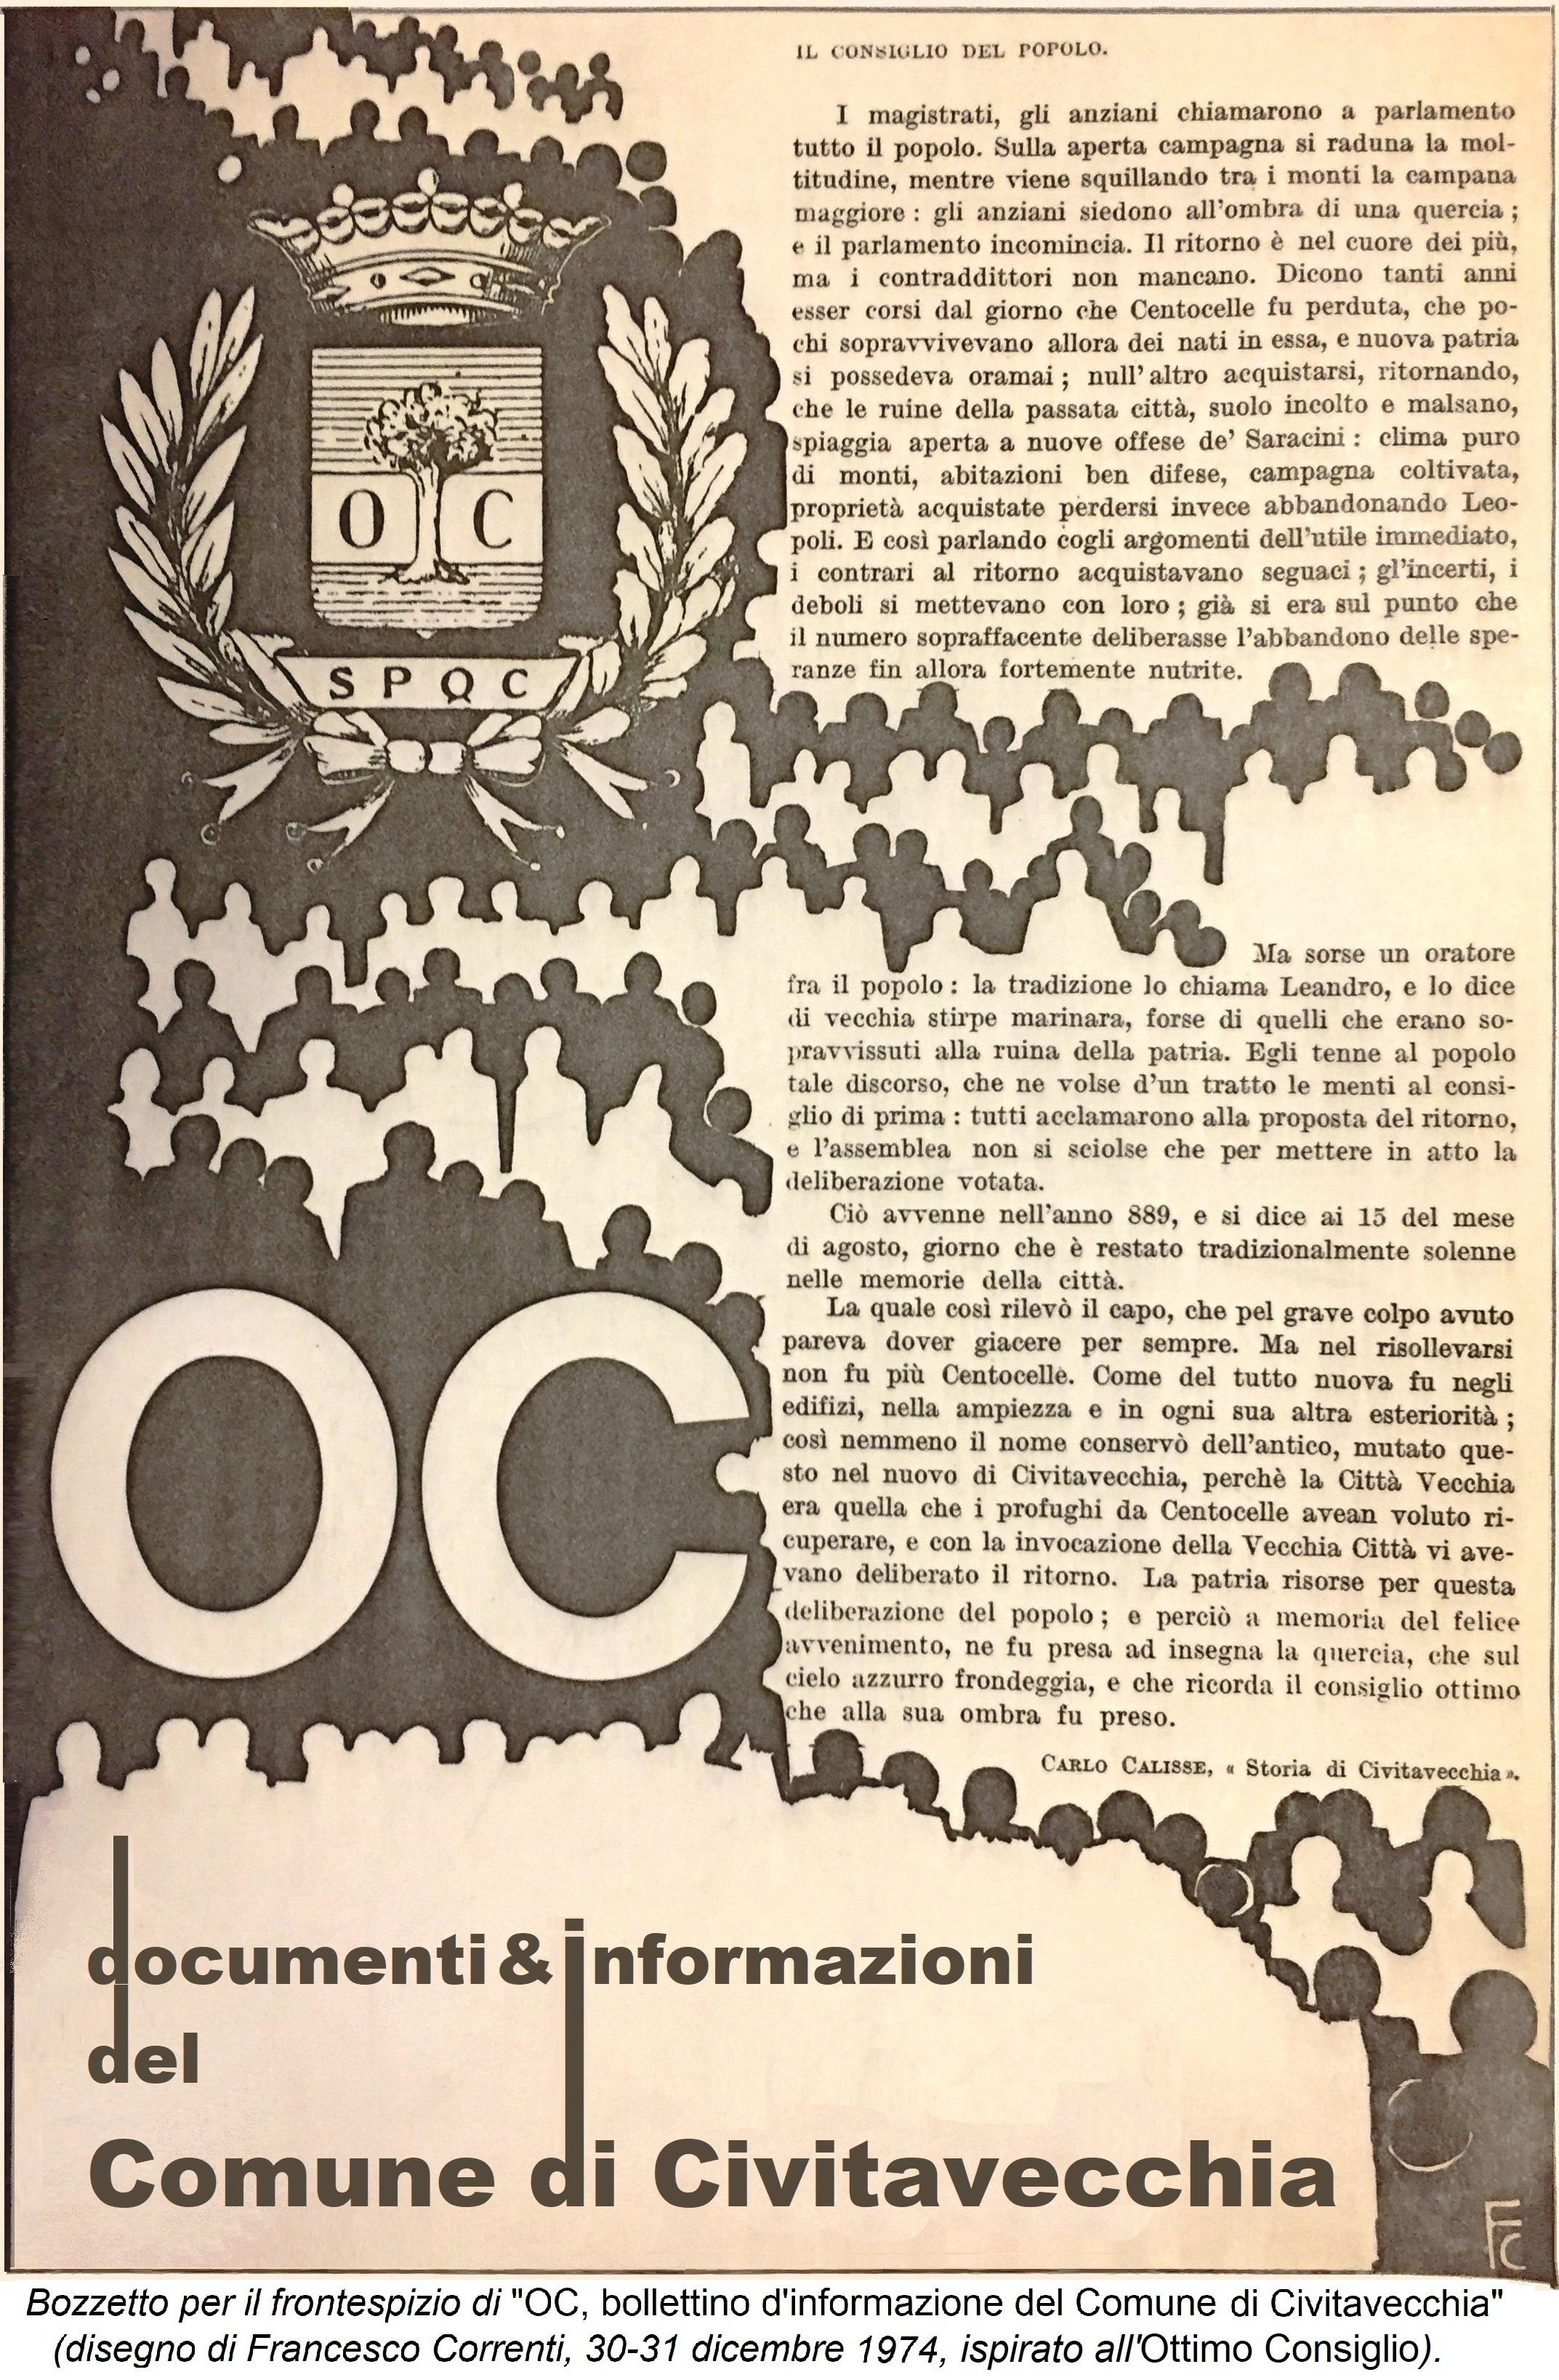 1974.12.31. FC, OC